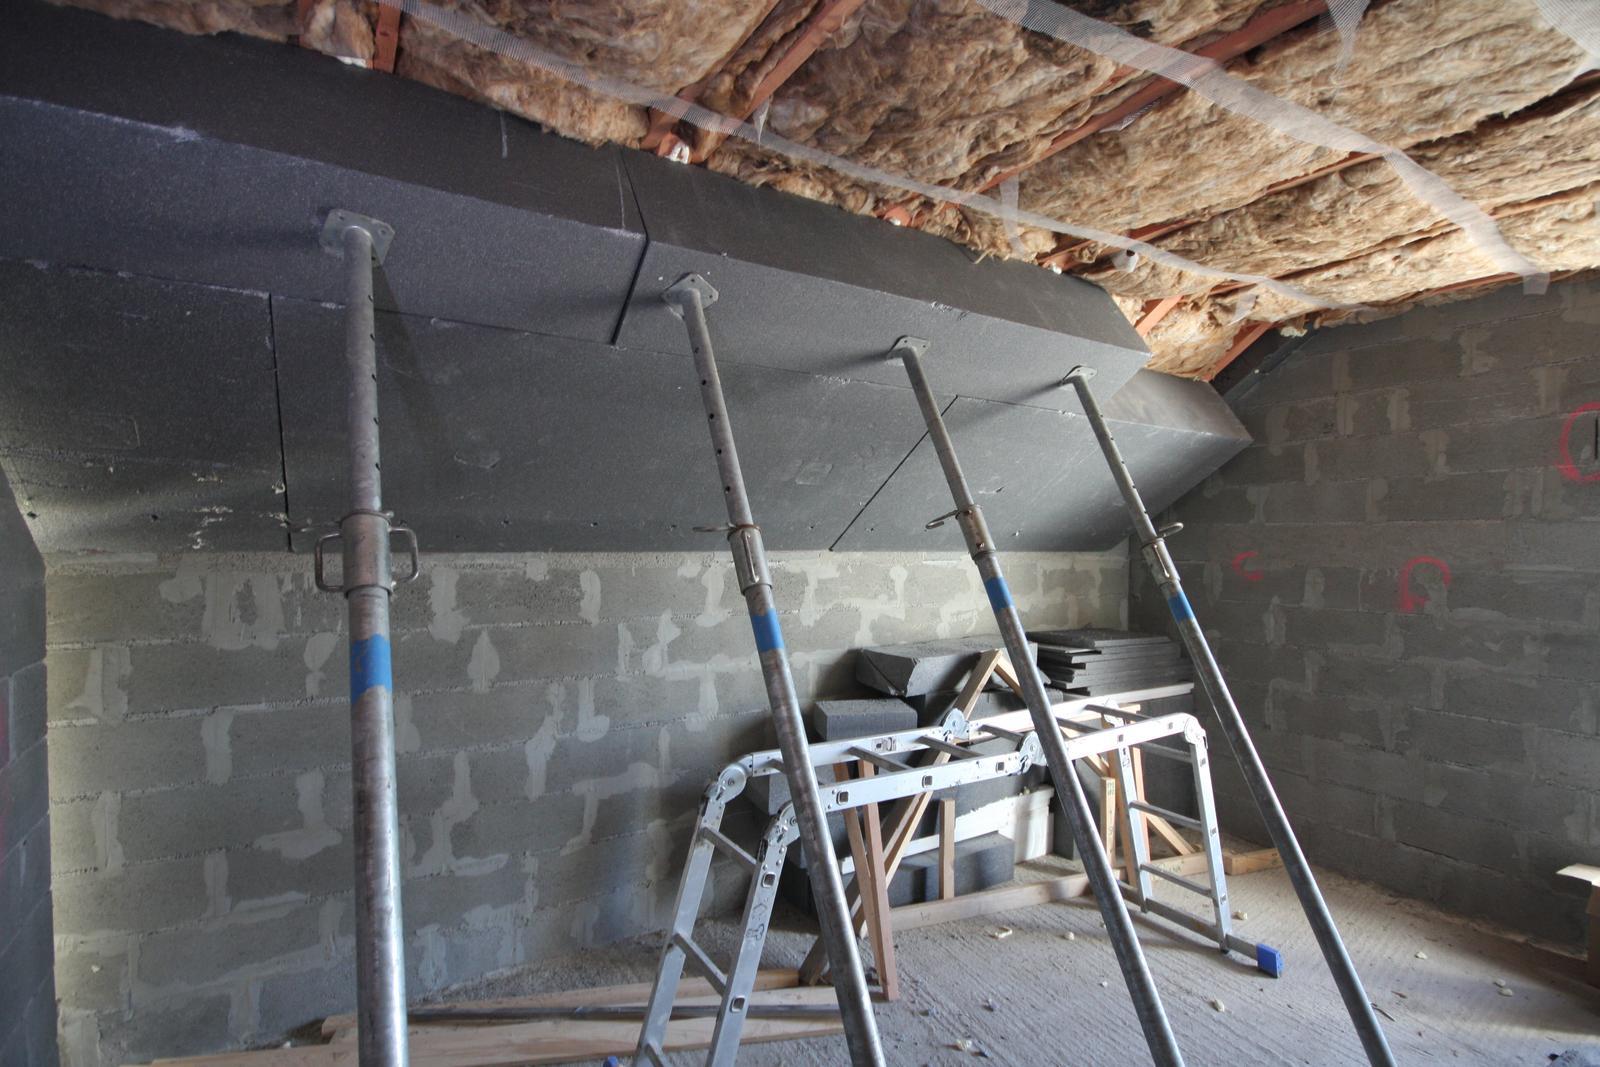 Nulový dom bez komína... Som UFO? - Izolacie strechy spolu 18+40+8 = 66cm  ... Inac pod takou strechou nie je len TEPLO ale aj TICHO!